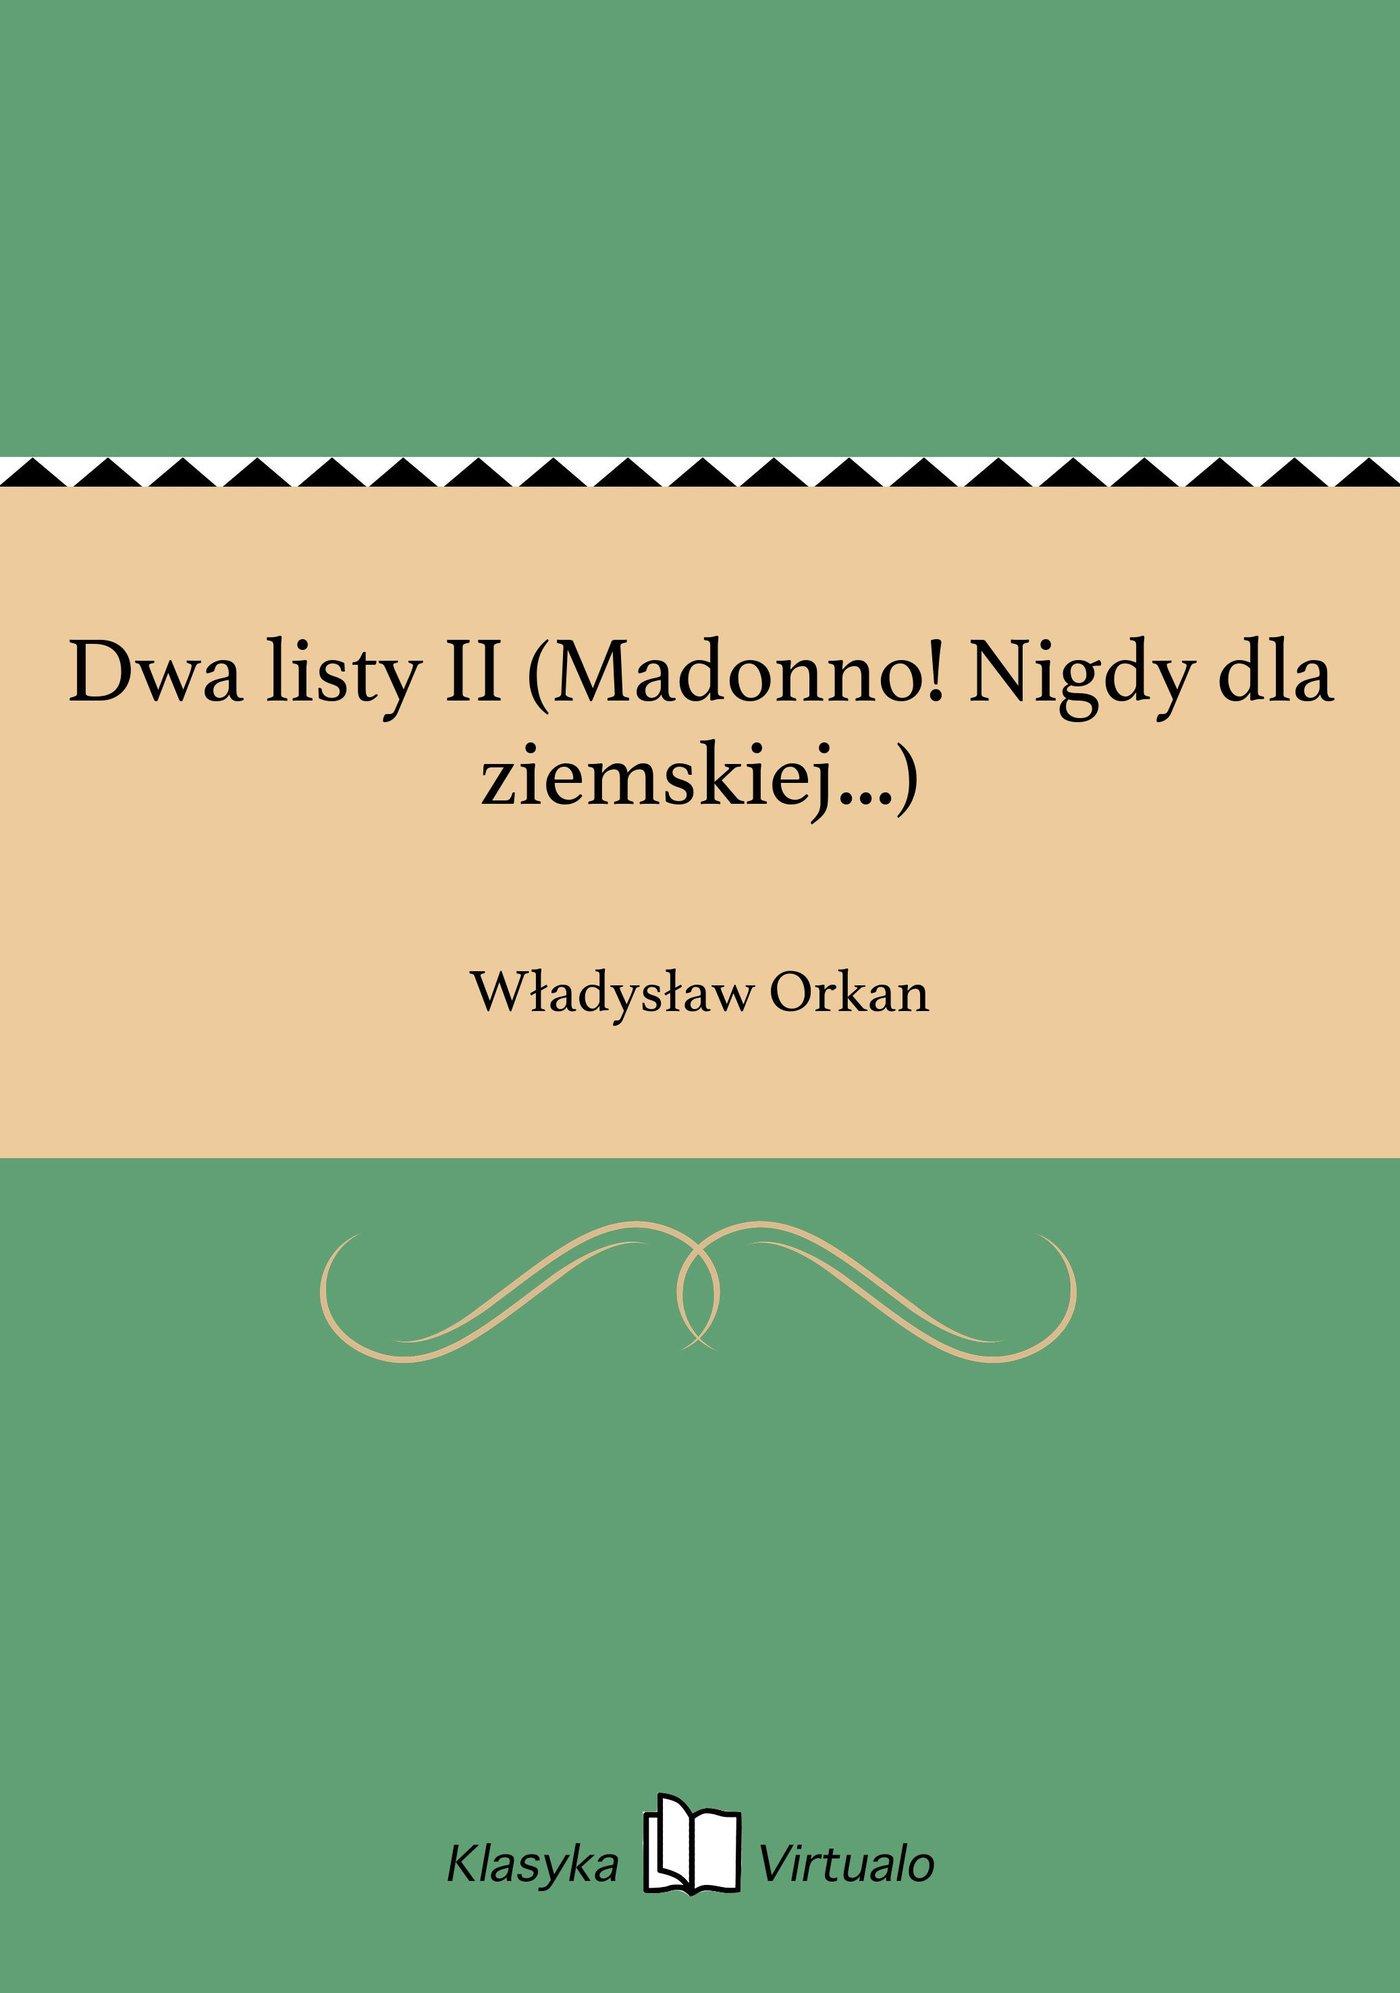 Dwa listy II (Madonno! Nigdy dla ziemskiej...) - Ebook (Książka na Kindle) do pobrania w formacie MOBI